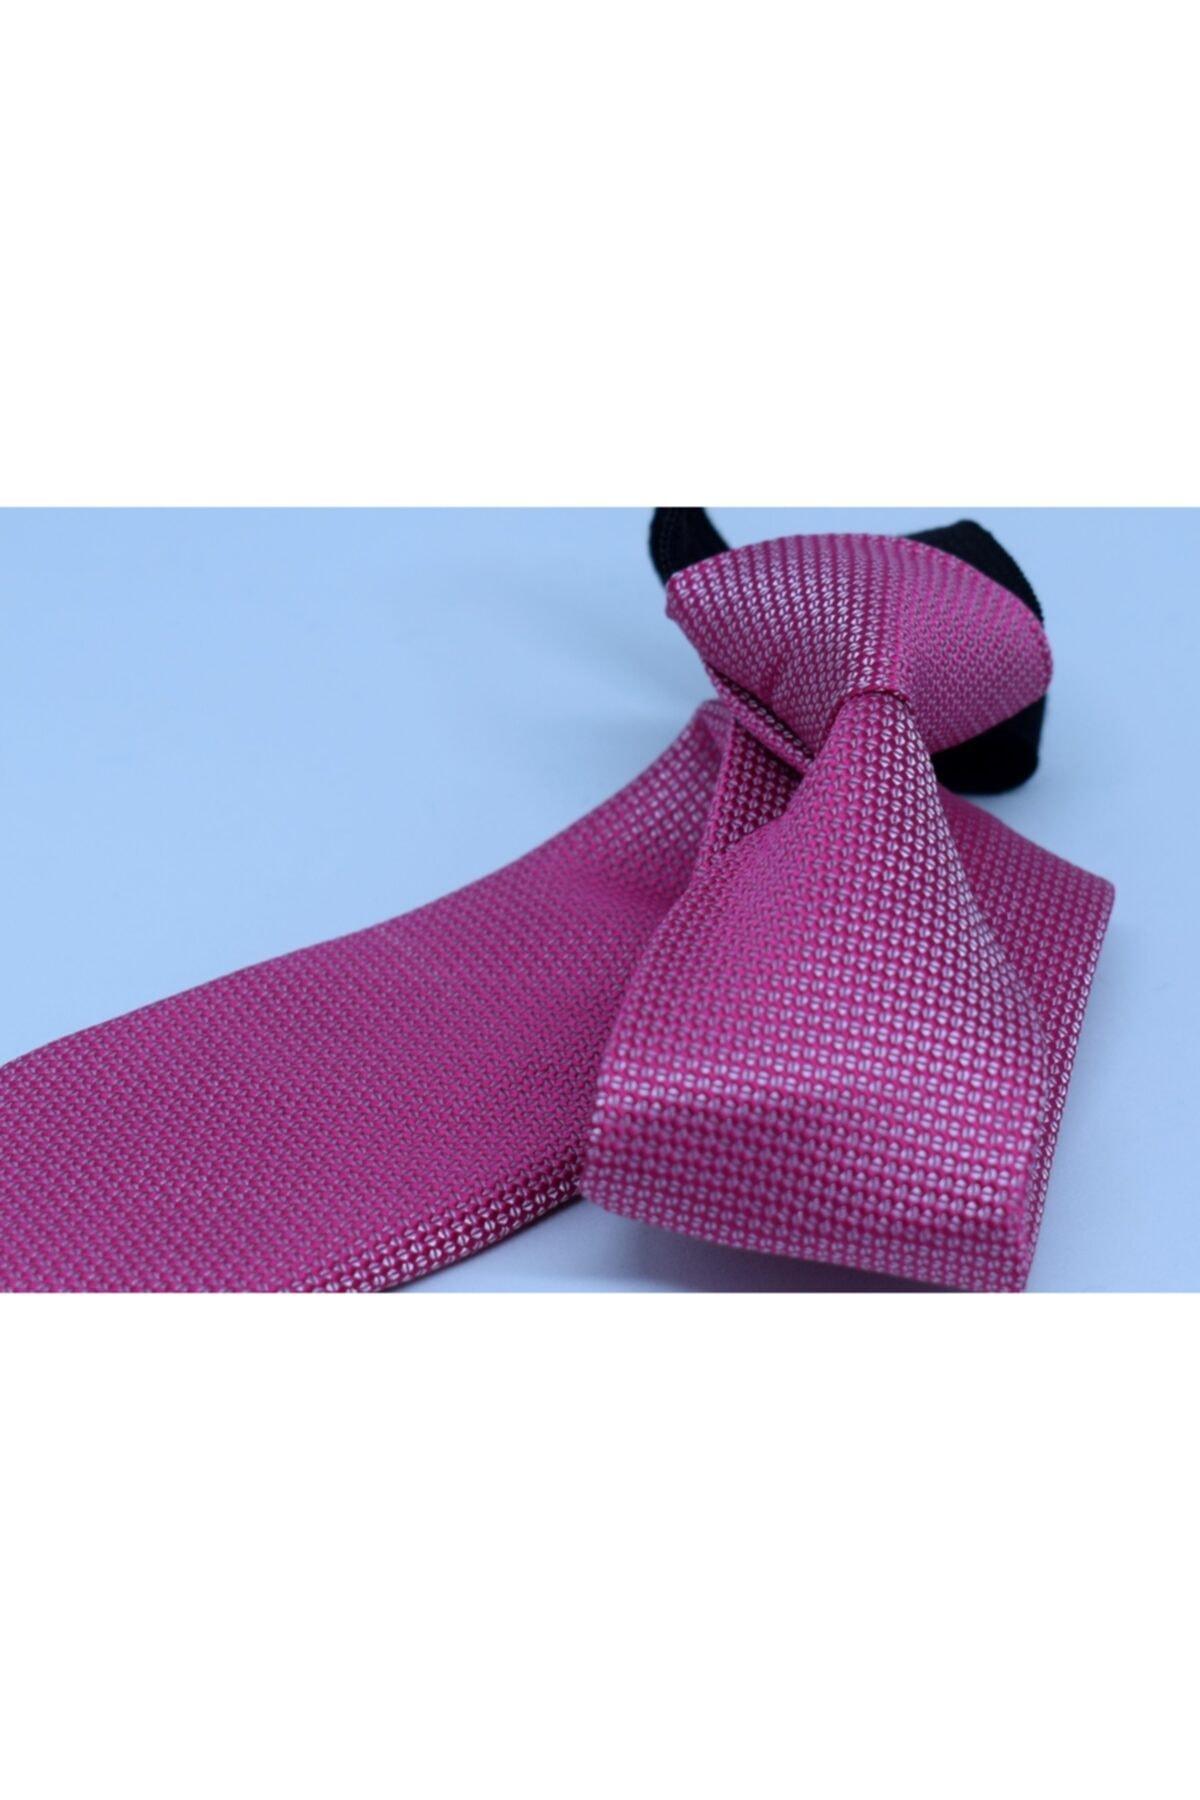 خرید کراوات بچه گانه پسرانه شیک مجلسی برند Blazzotti رنگ صورتی ty105902150